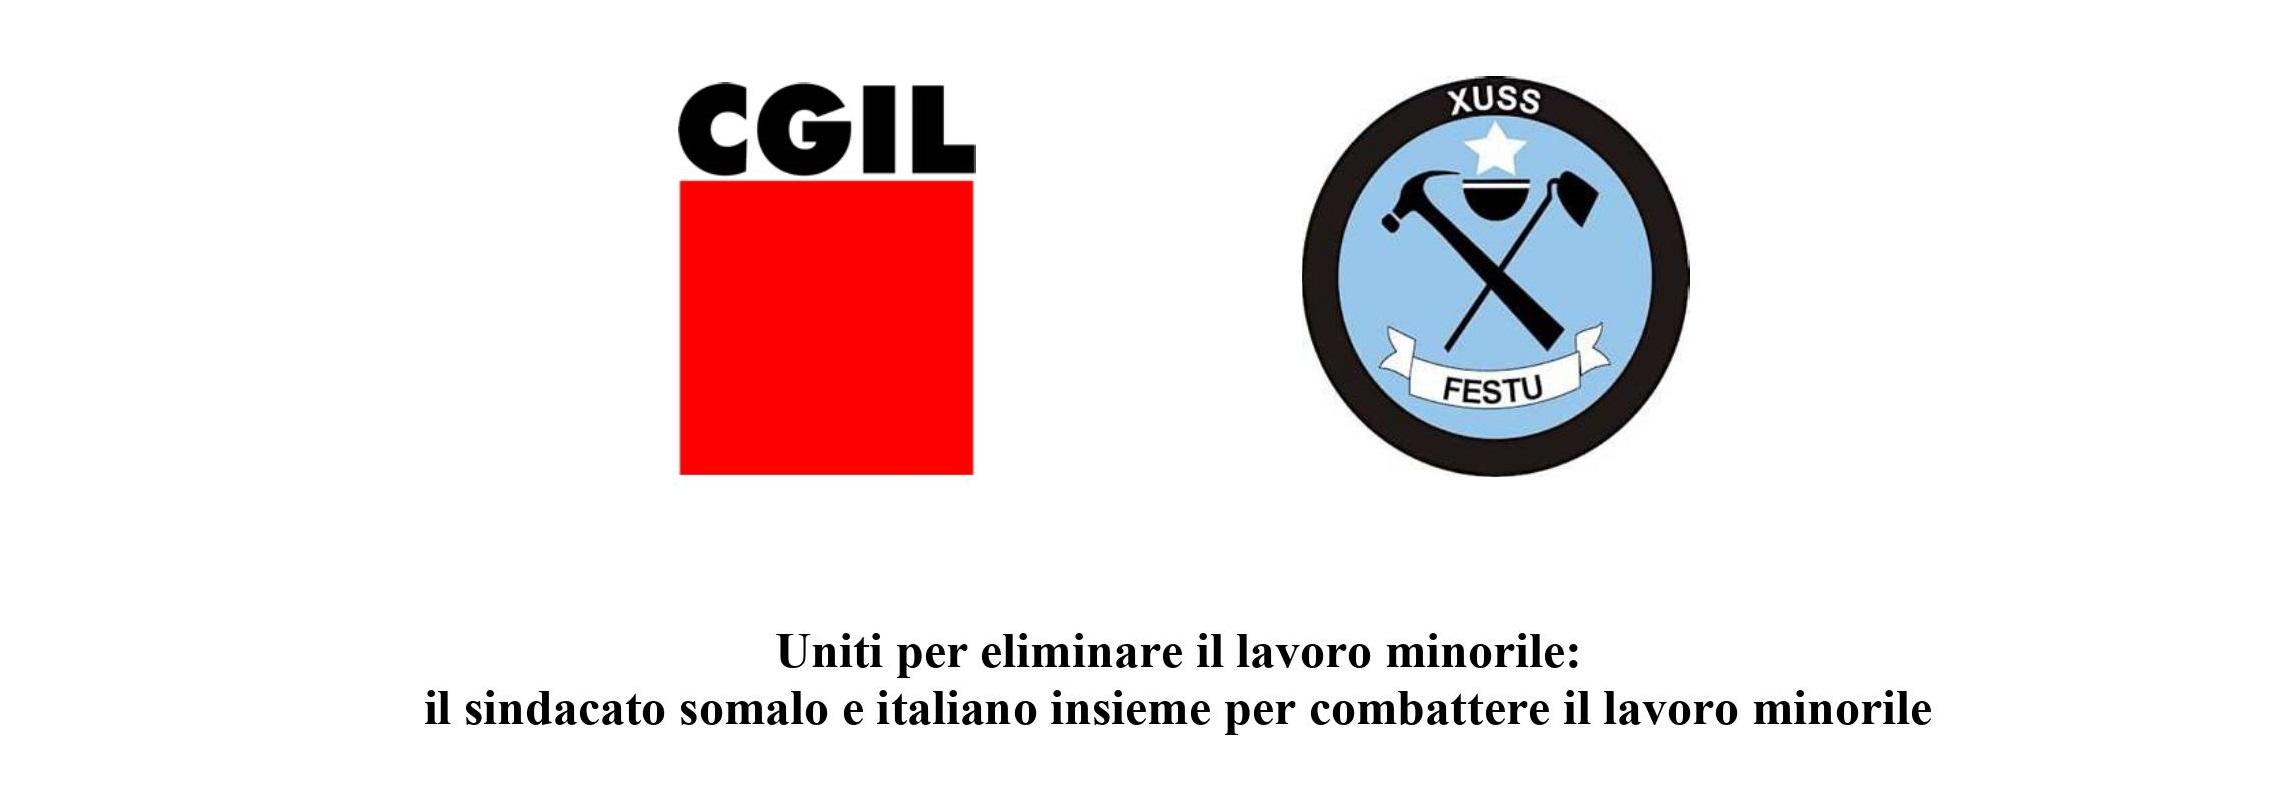 CGIL-FESTU: sindacato somalo e italiano insieme per combattere il lavoro minorile